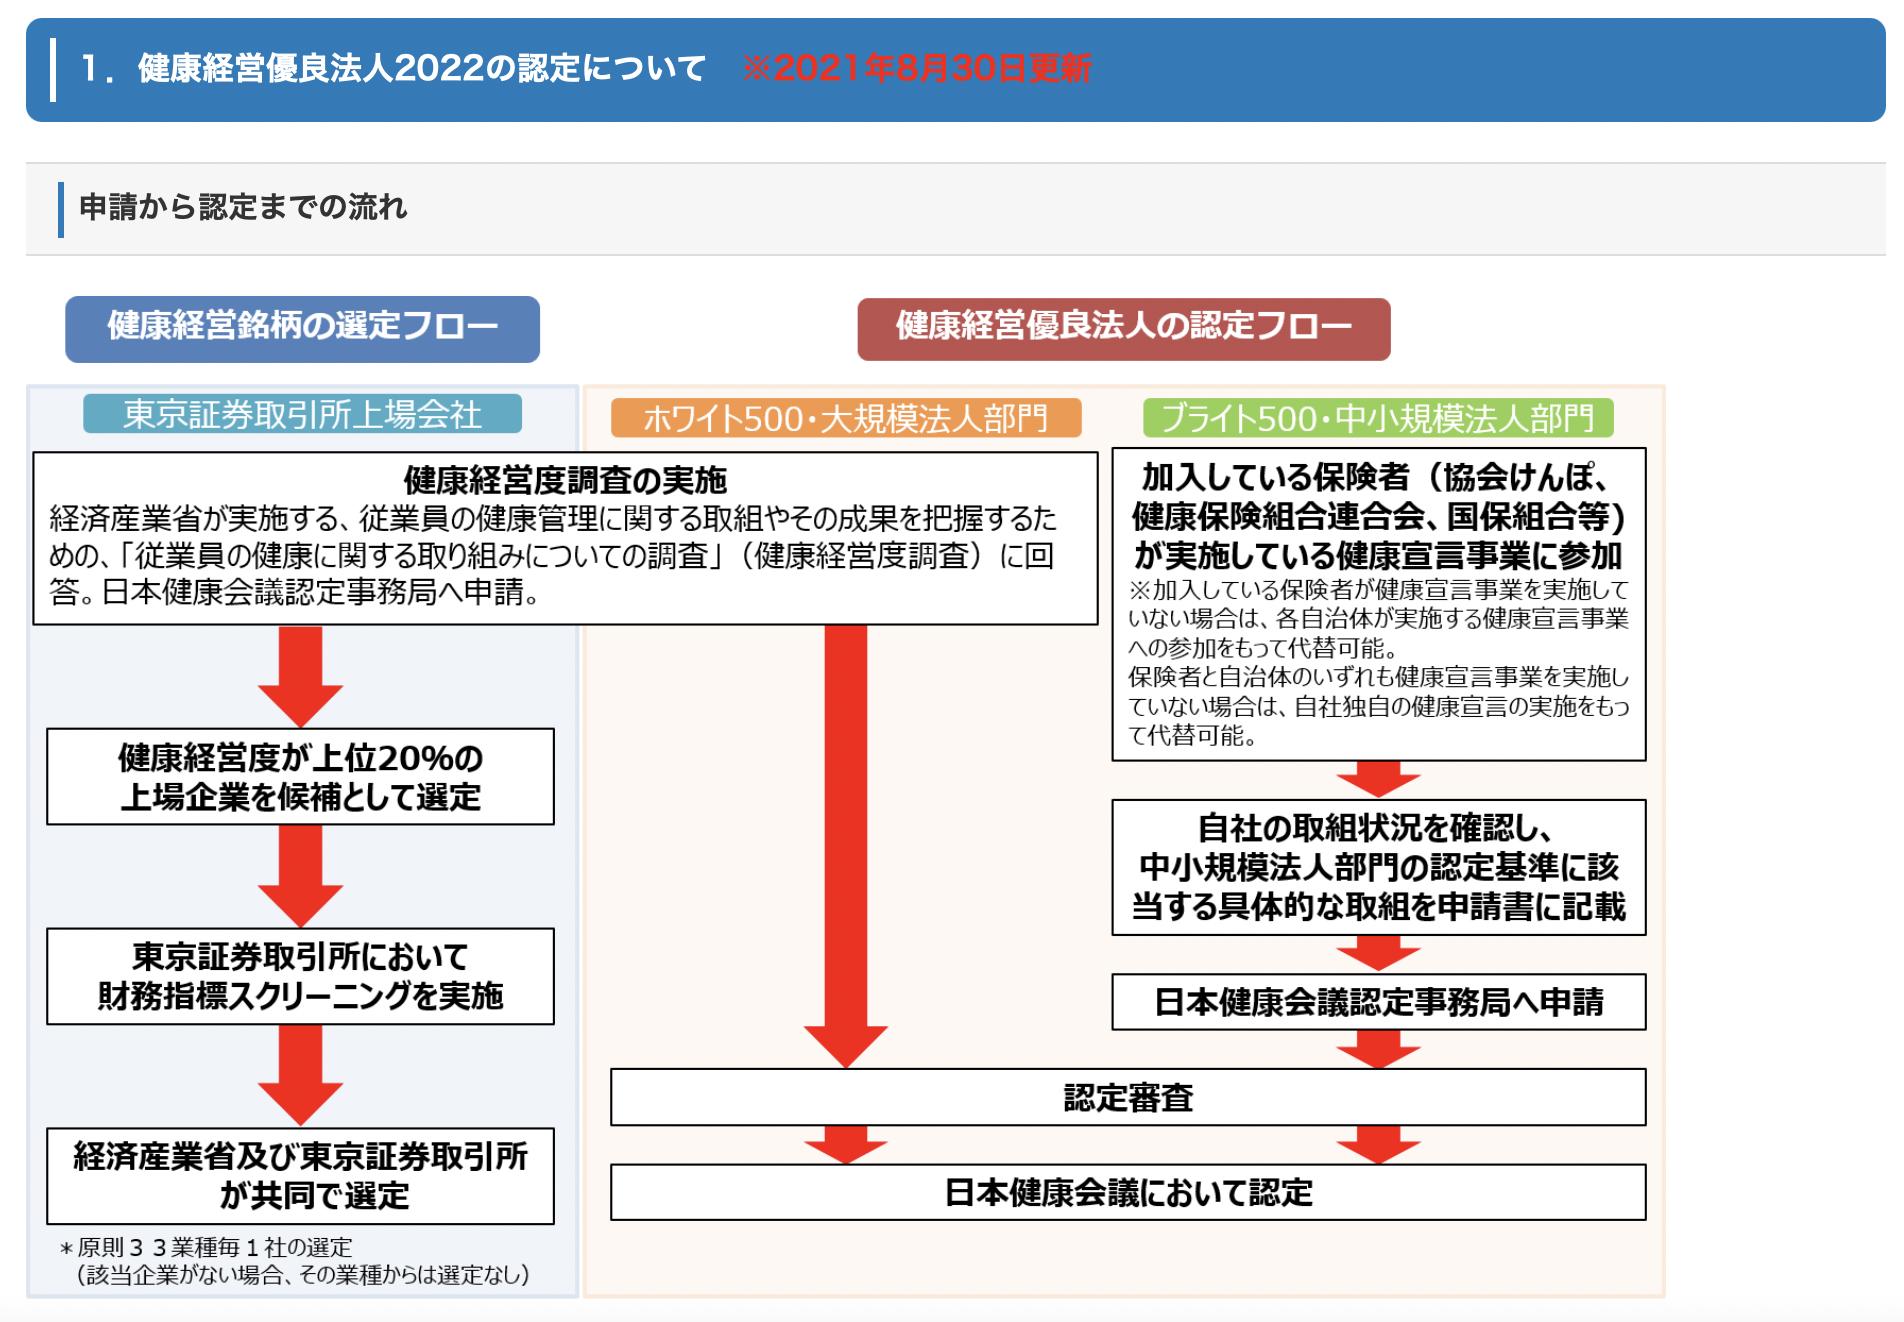 健康経営優良法人2022申請